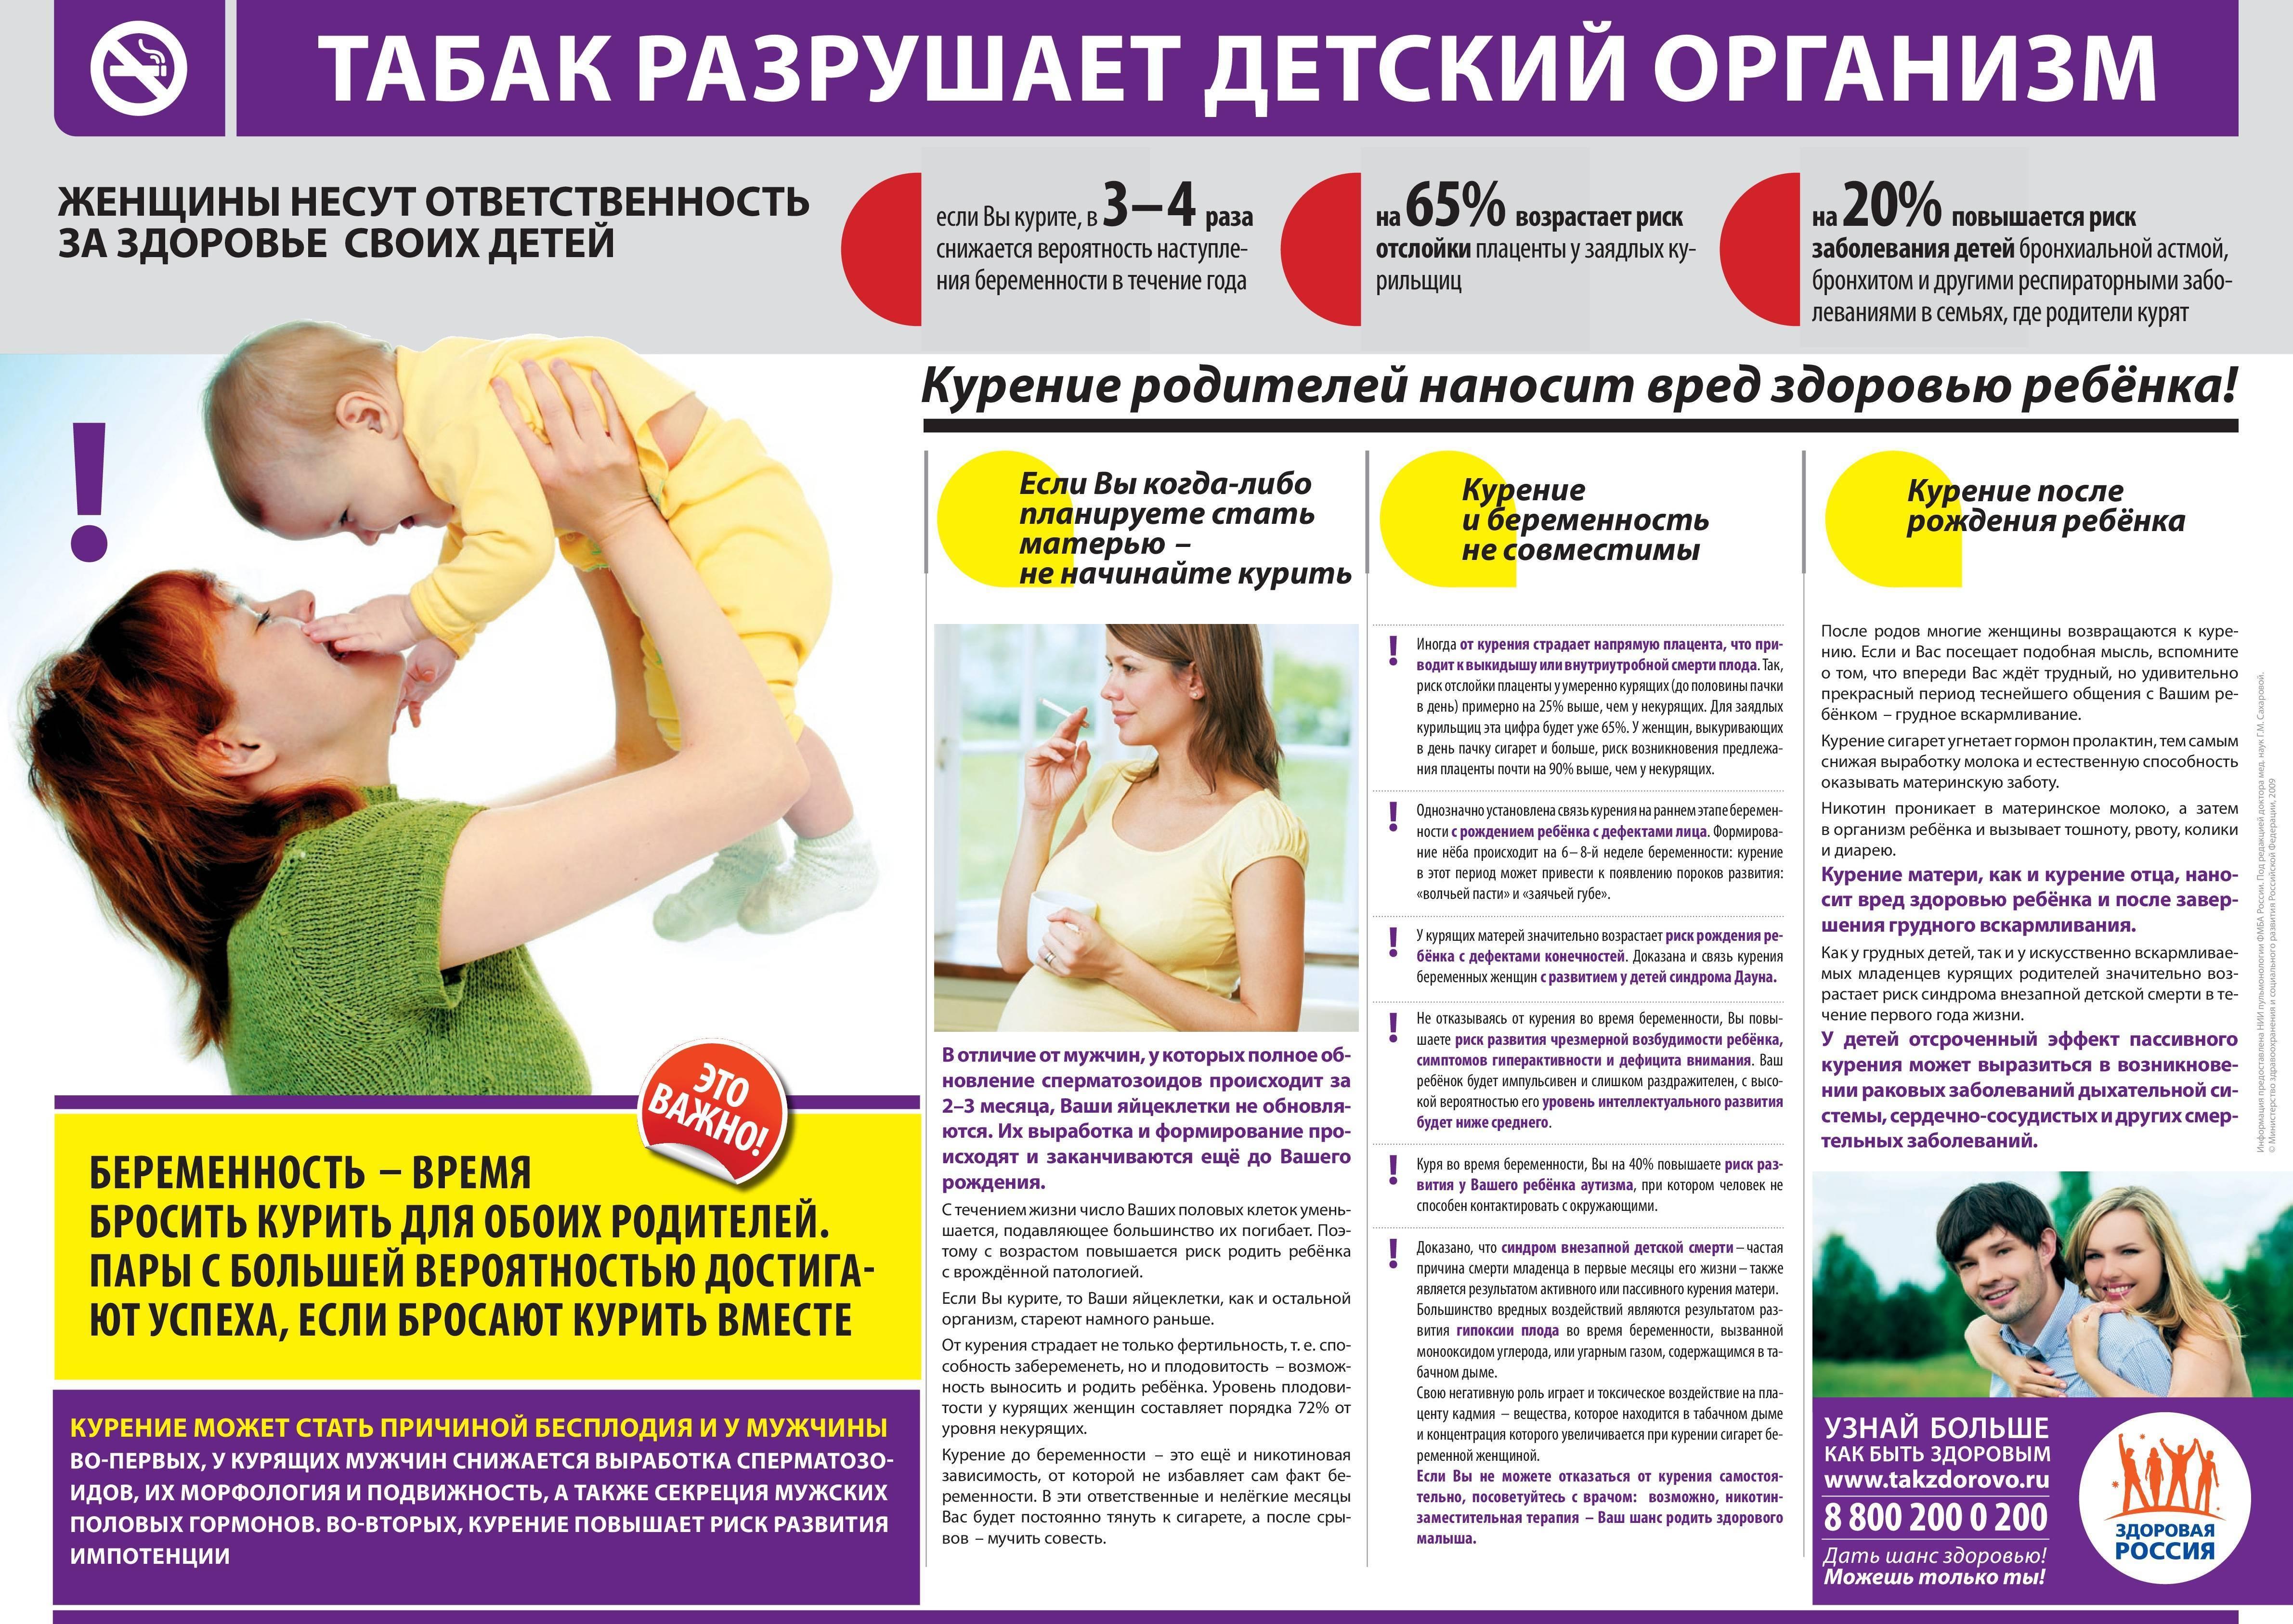 Памятка для тех, кто все же решил бросить курить! | управление роспотребнадзора по калининградской области